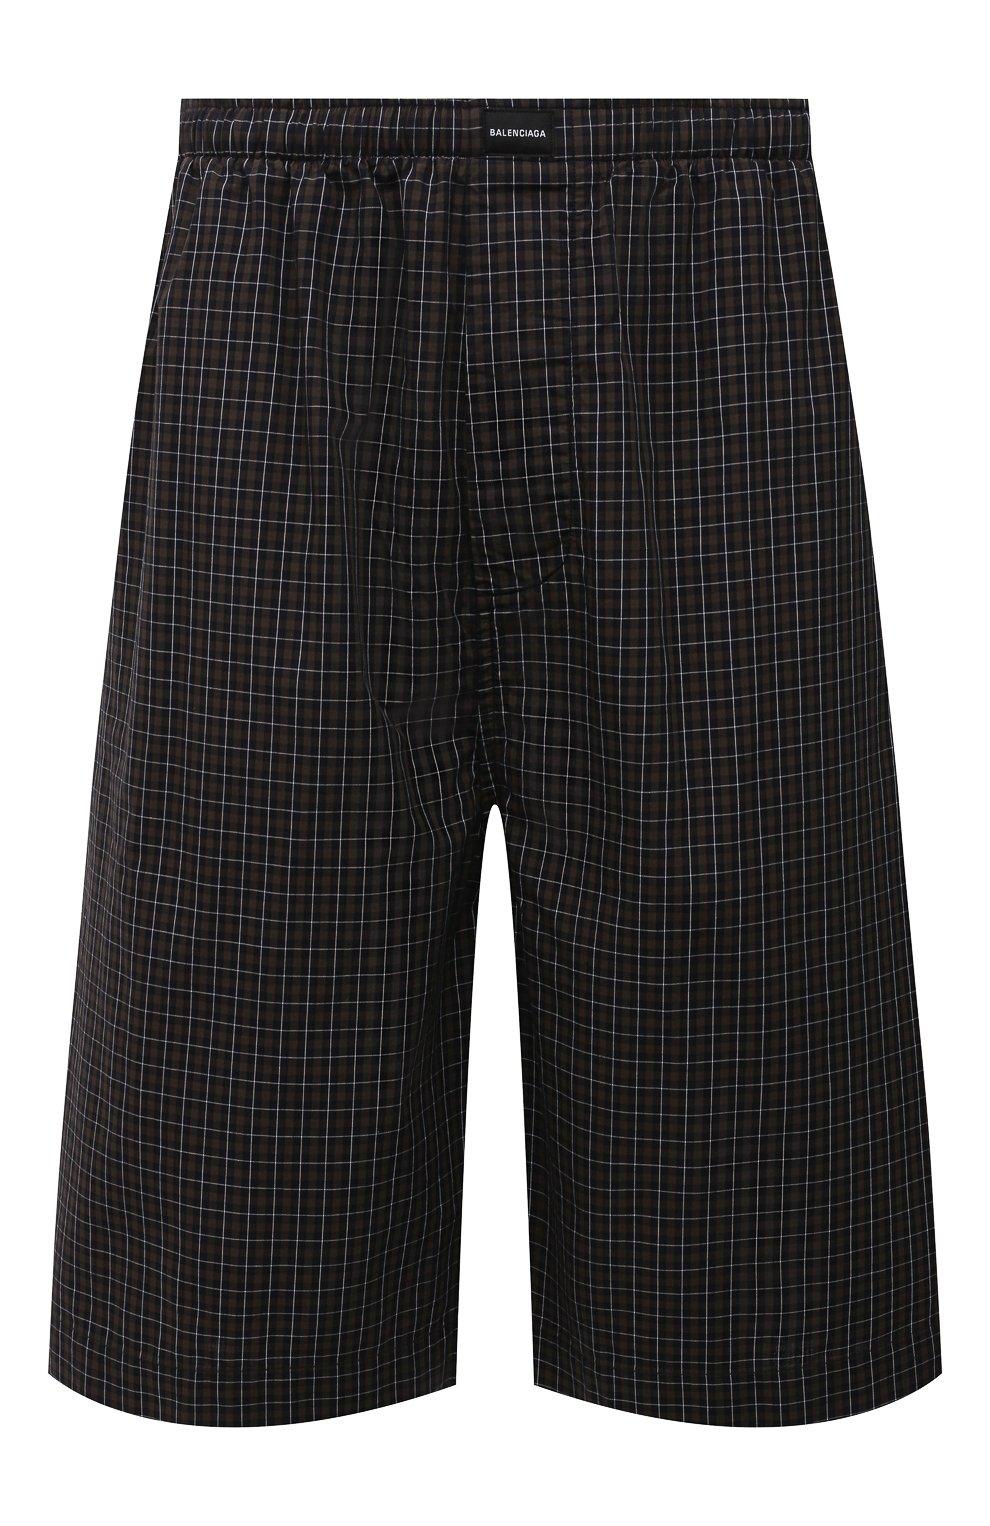 Мужские хлопковые шорты BALENCIAGA хаки цвета, арт. 658413/TKM34 | Фото 1 (Мужское Кросс-КТ: Шорты-одежда; Длина Шорты М: Ниже колена; Принт: С принтом; Материал внешний: Хлопок; Стили: Минимализм)